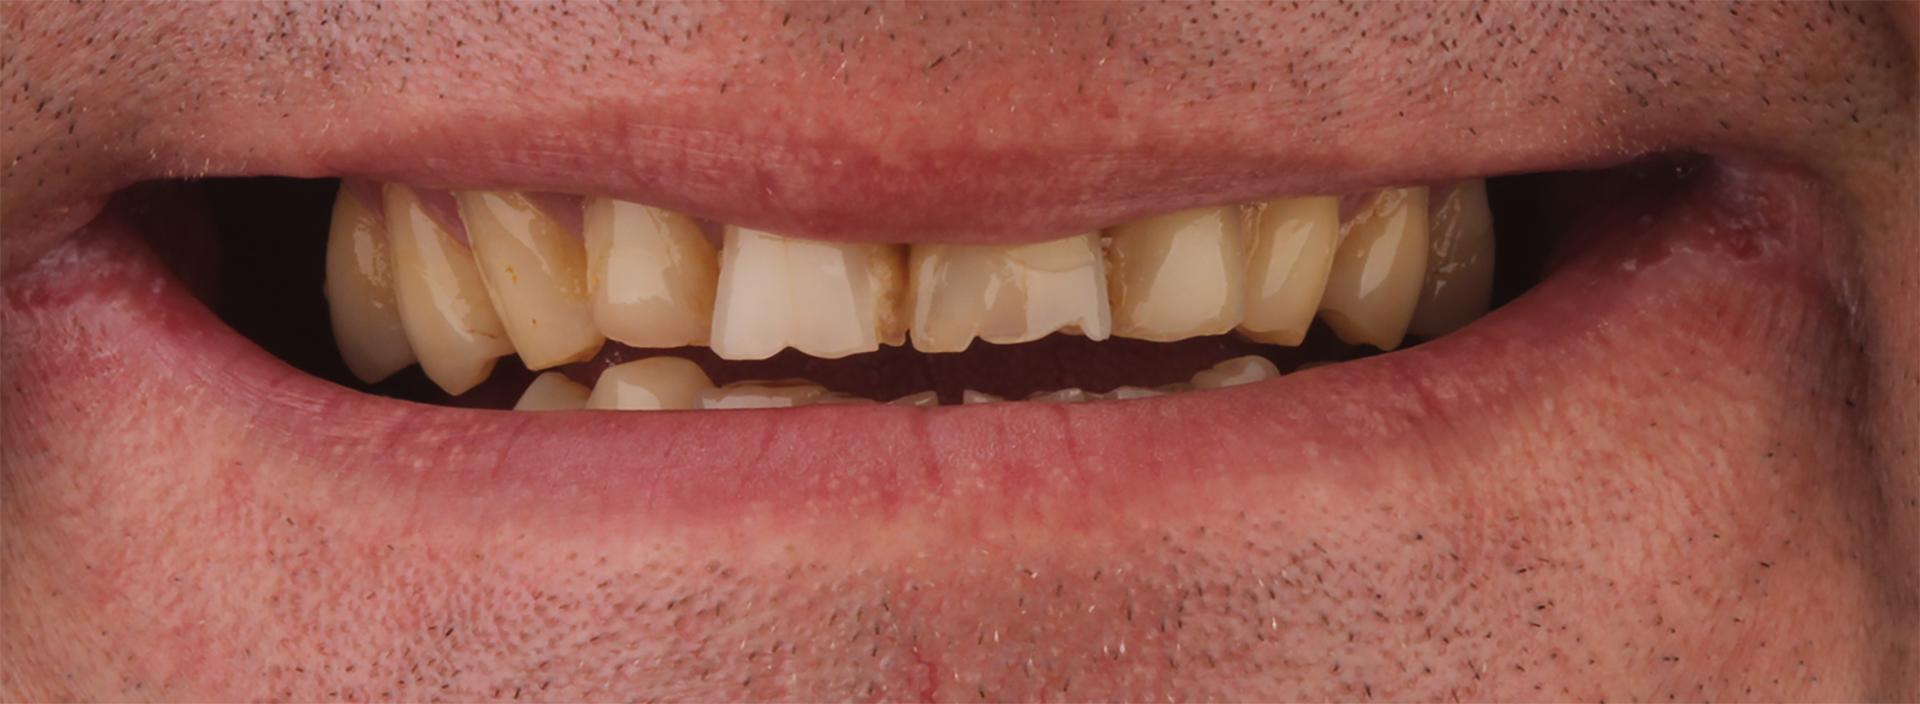 Зубы до виниров